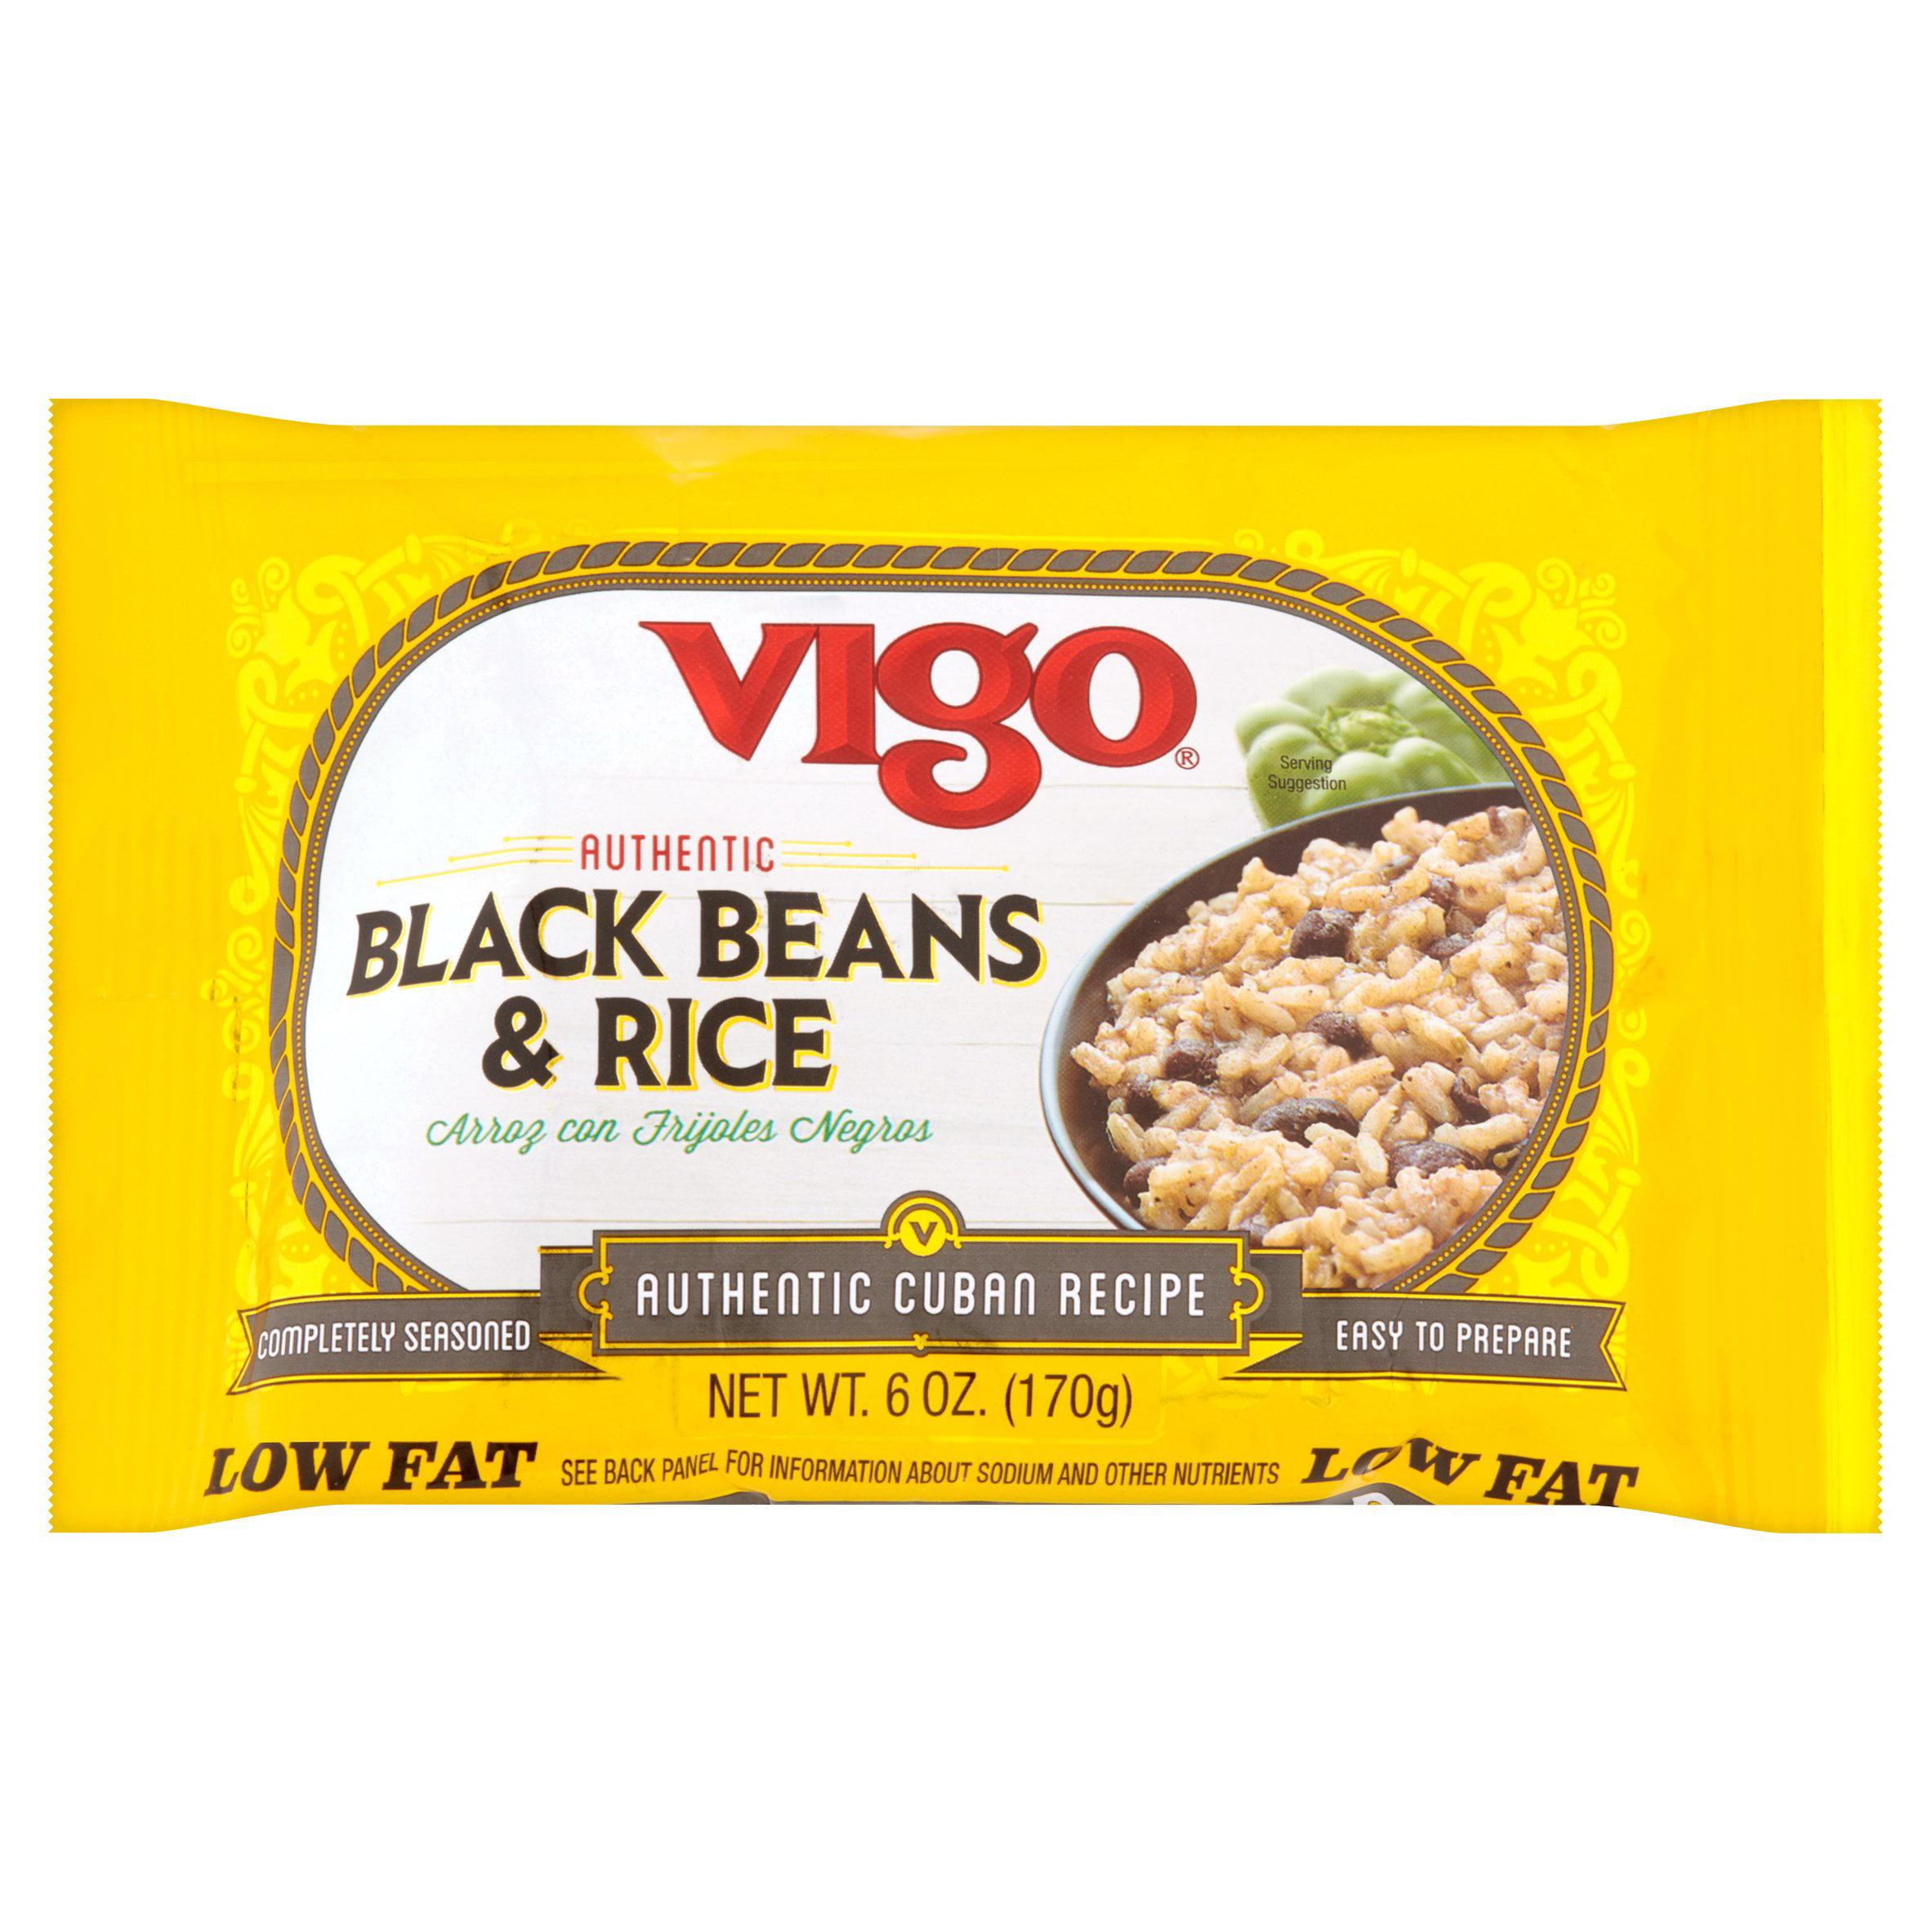 Vigo Authentic Cuban Recipe Black Beans & Rice, 6 oz by Vigo Importing Company